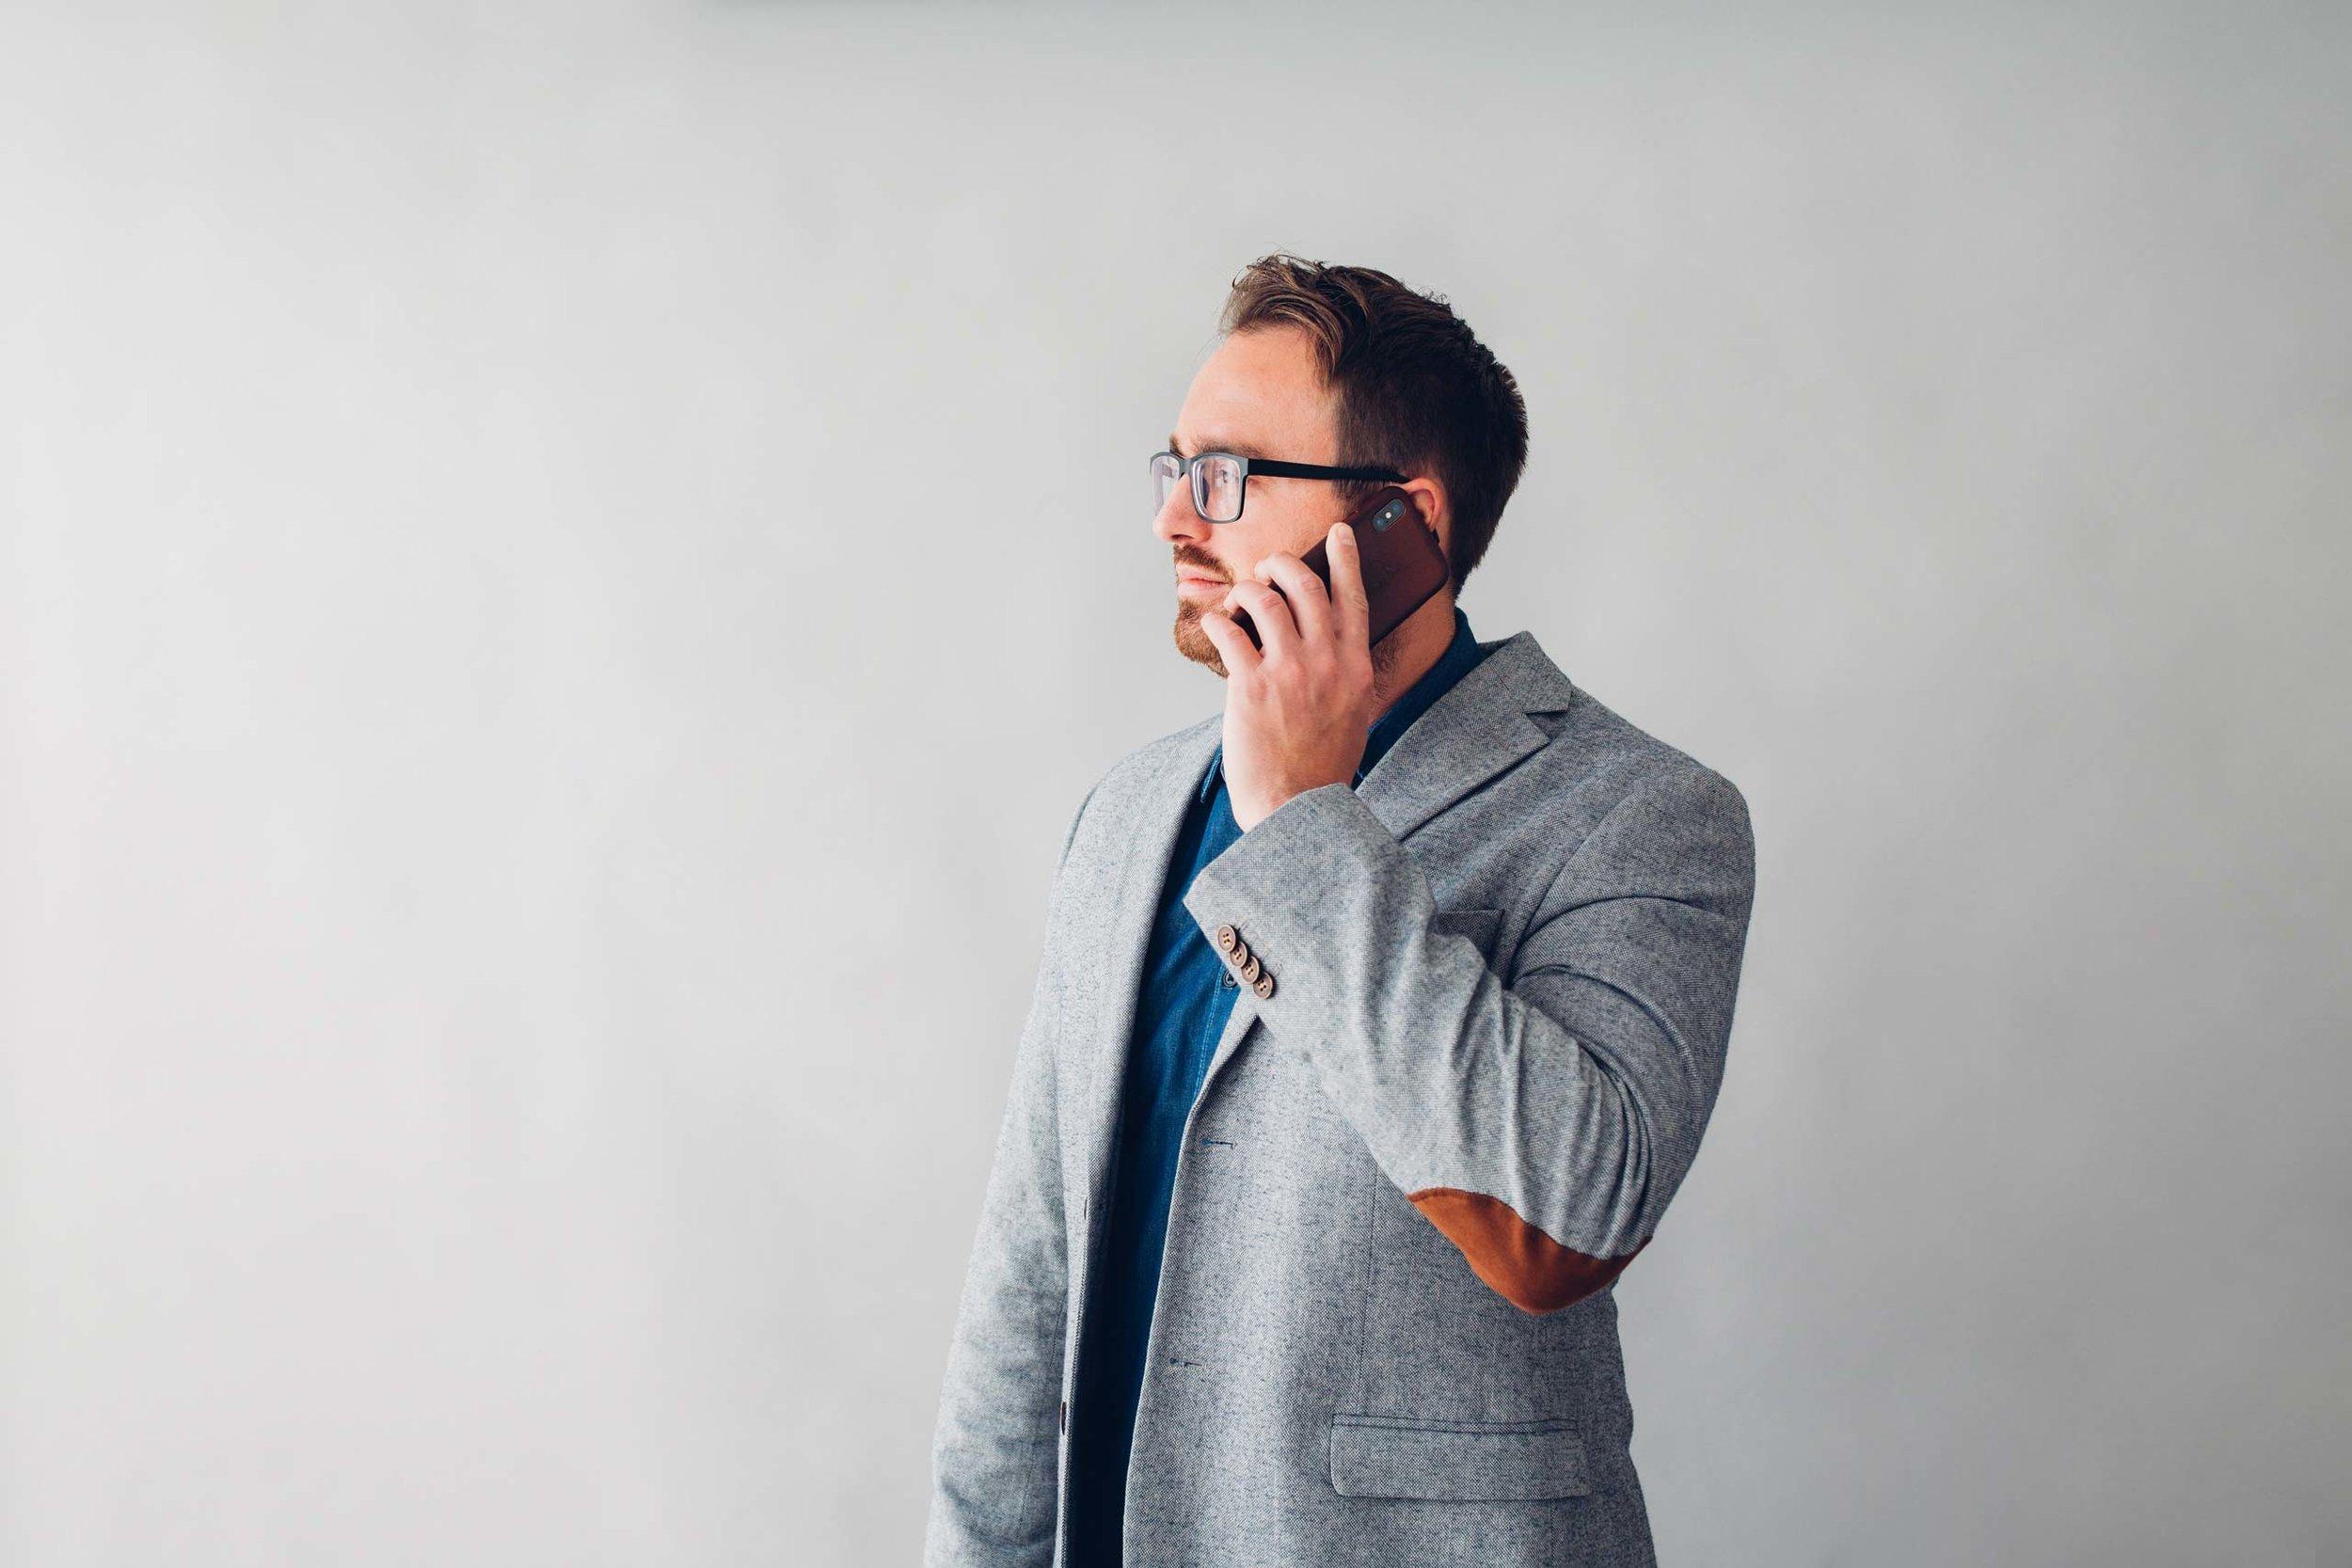 Dein Partner für digitalen erfolg - Egal ob Du bereits ein Unternehmen besitzt oder mit dem Gedanken spielst, endlich etwas Eigenes zu starten. Auf Deinem Weg stehst Du immer wieder vor neuen Herausforderungen! Ich unterstütze Dich dabei, diese Stufen zu bewältigen für Deinen bestmöglichen Erfolg!